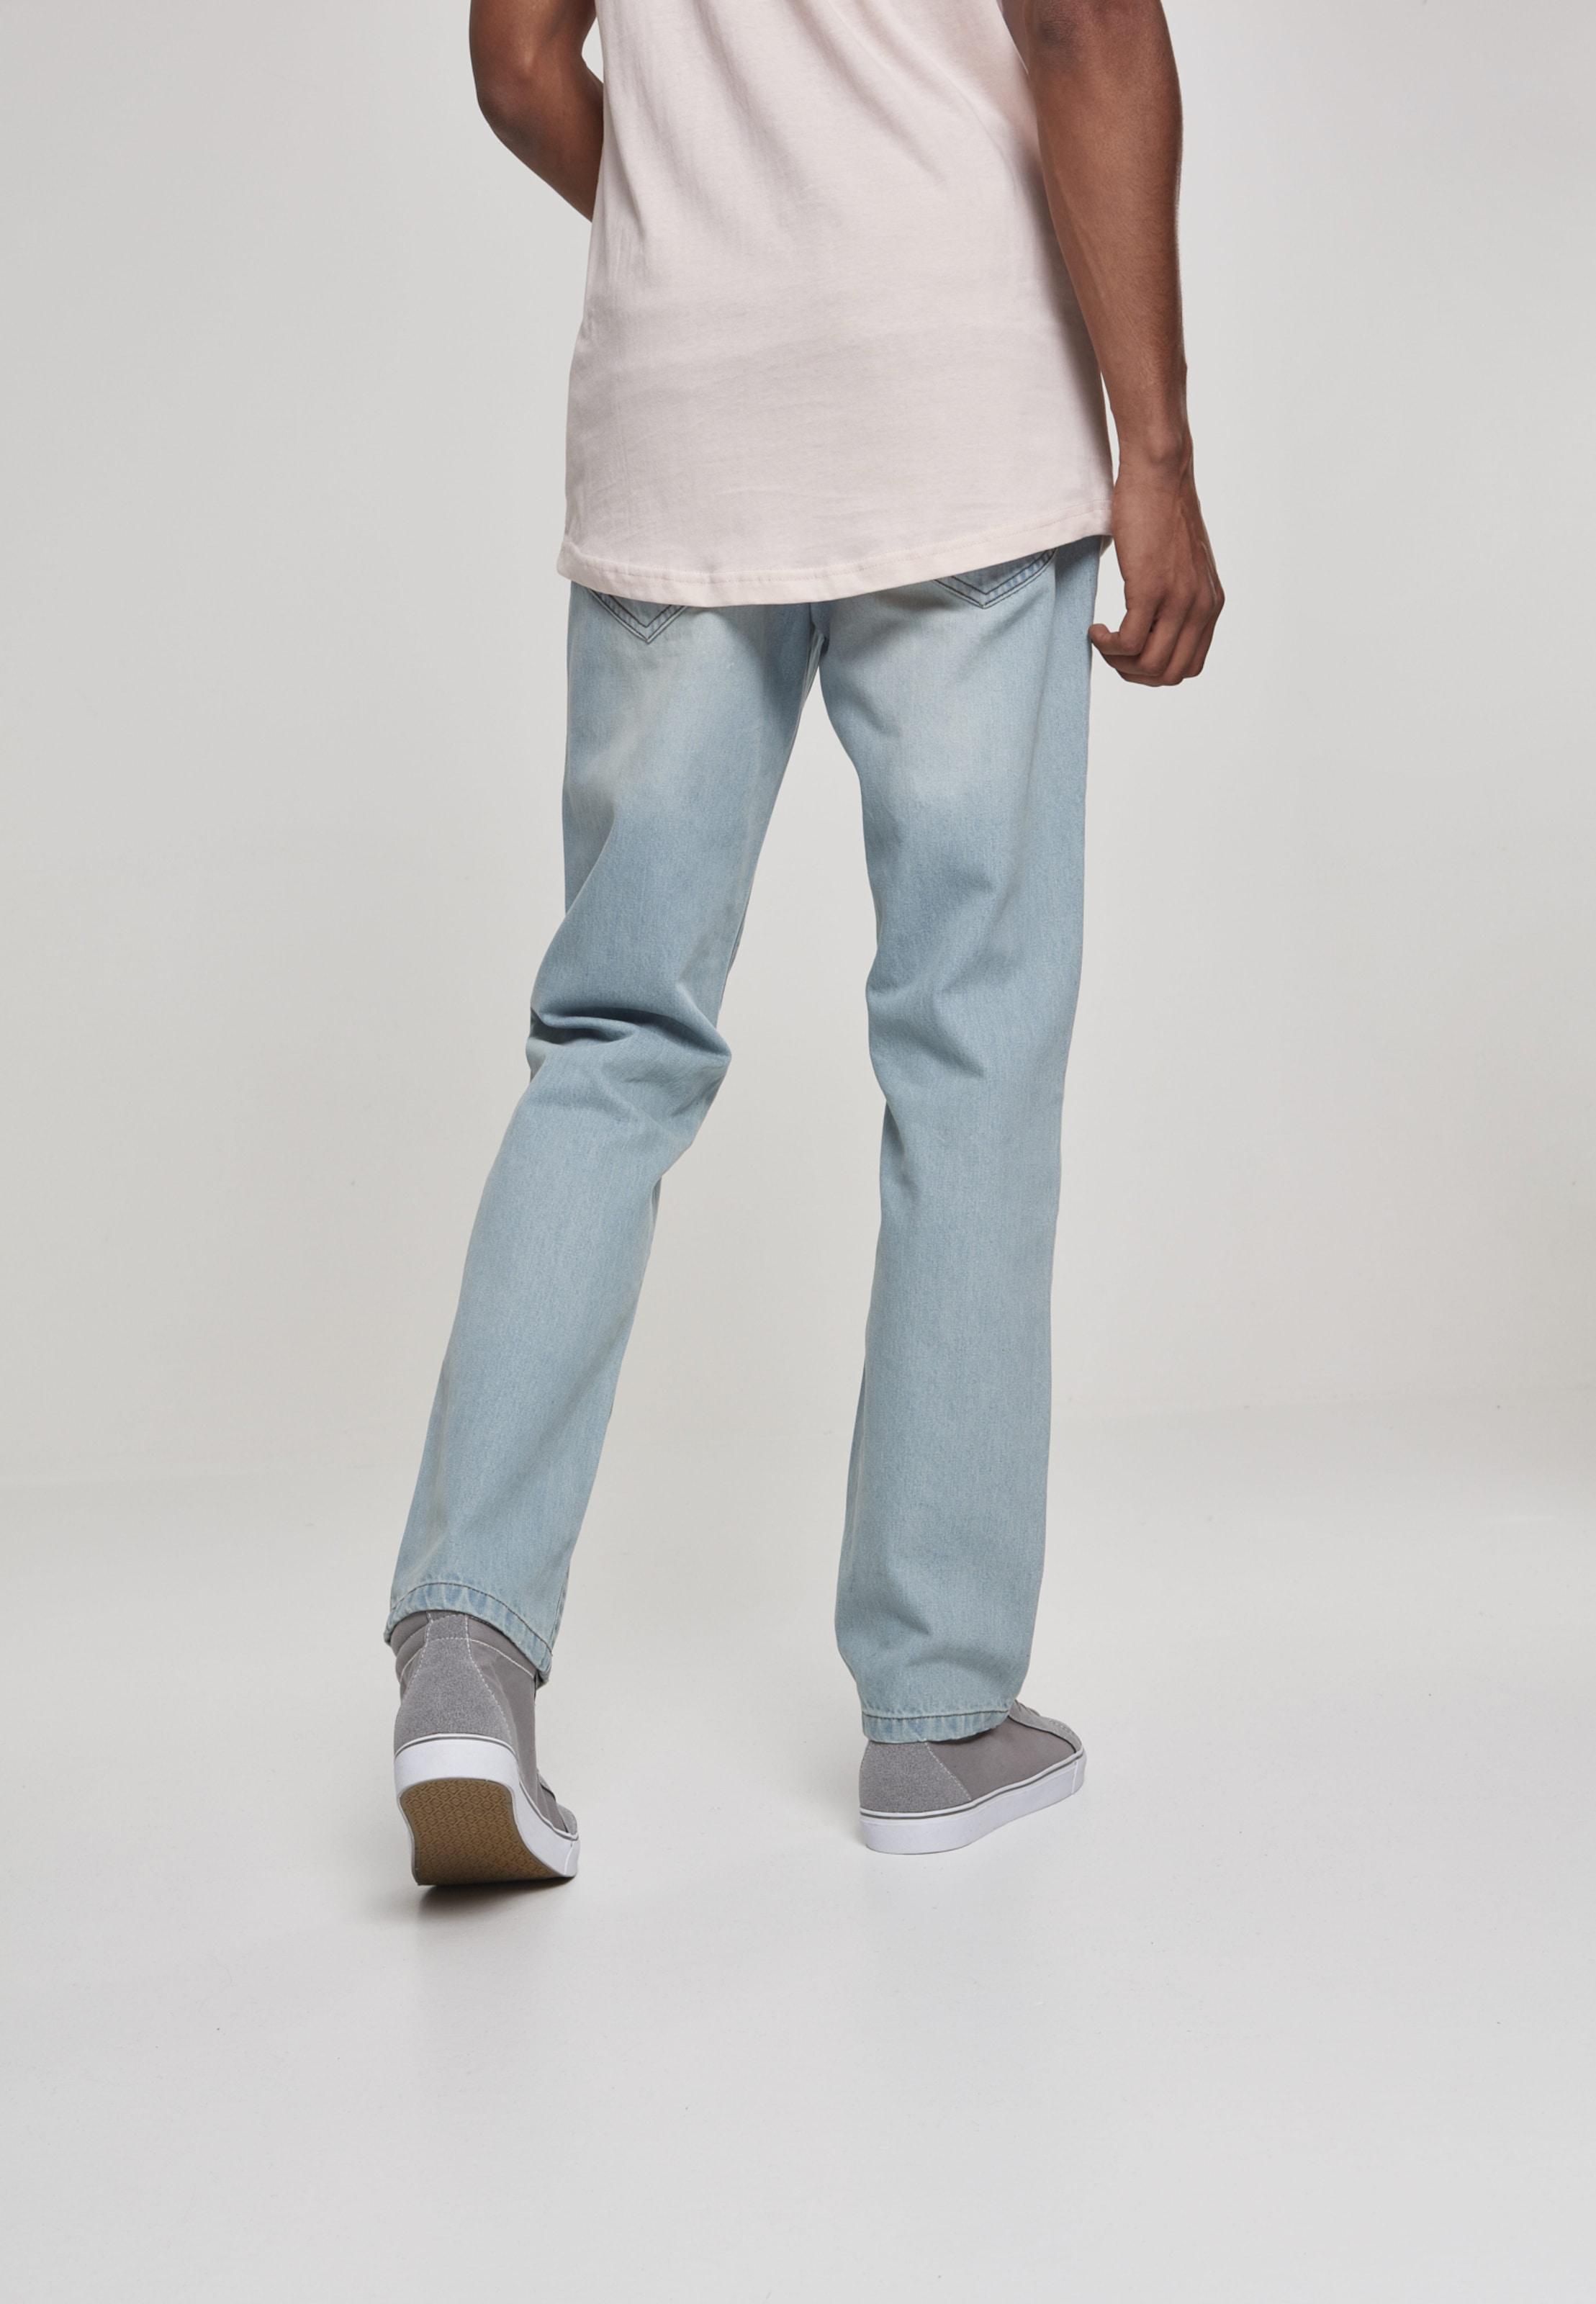 Urban Hellblau Classics Jeans In yN8v0mnwO